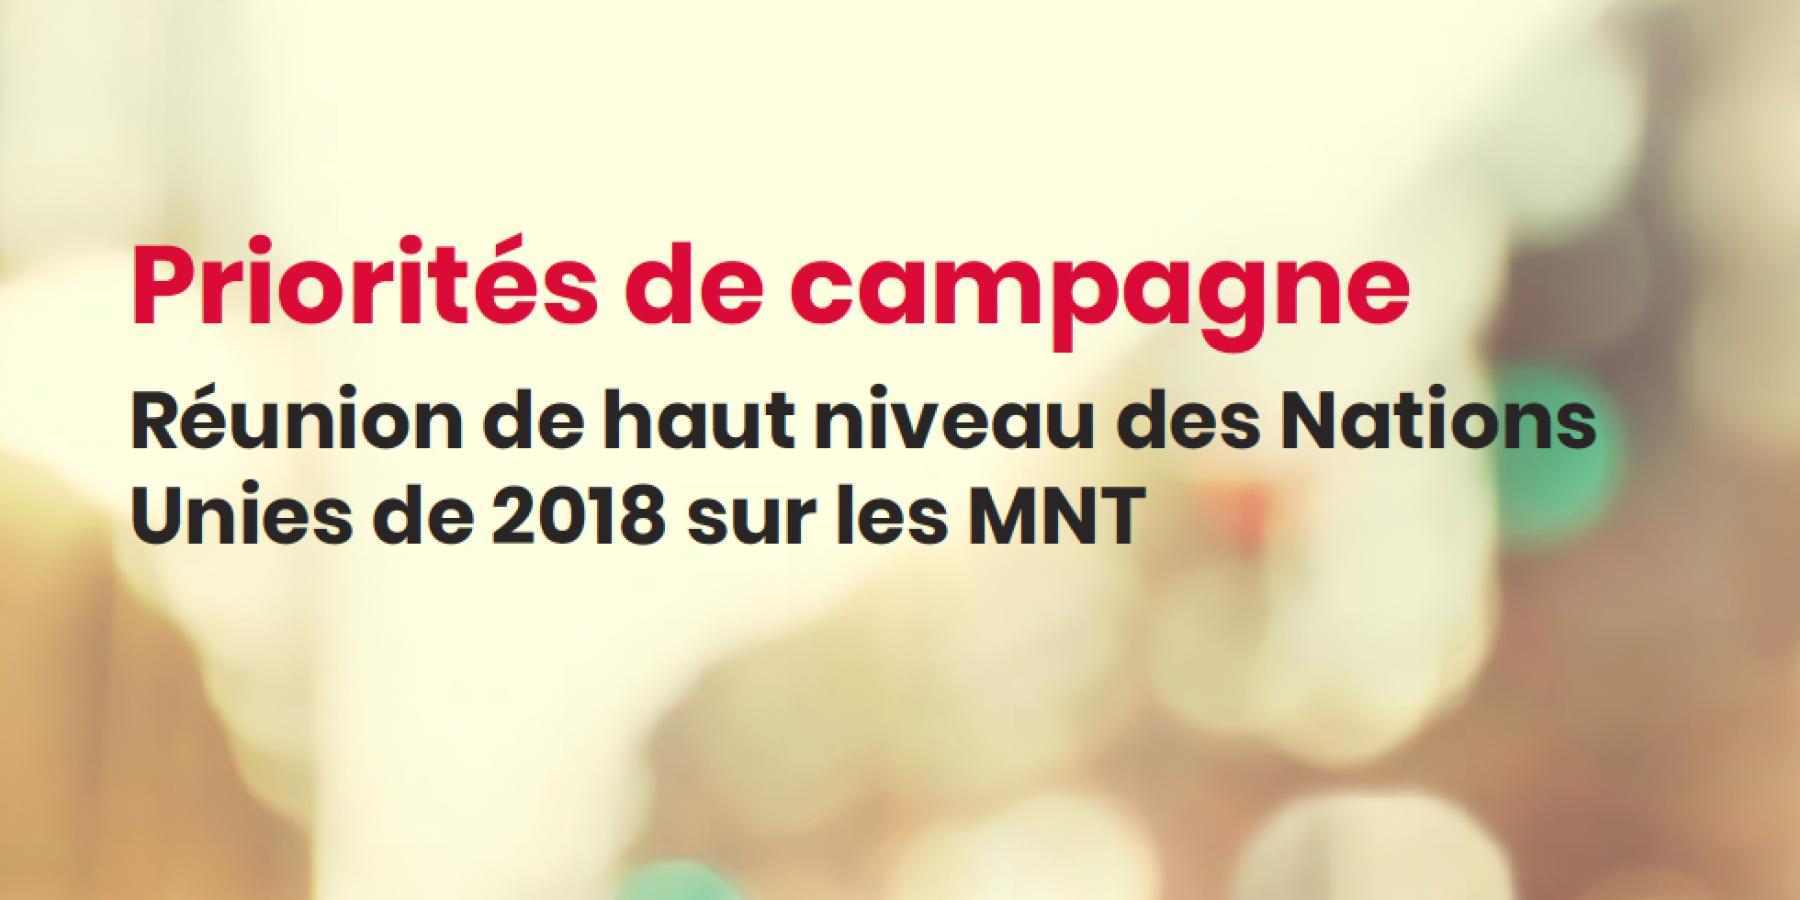 Priorités de campagne - RHN de l ONU de 2018 sur les MNT   NCD Alliance 75fc765d7a20